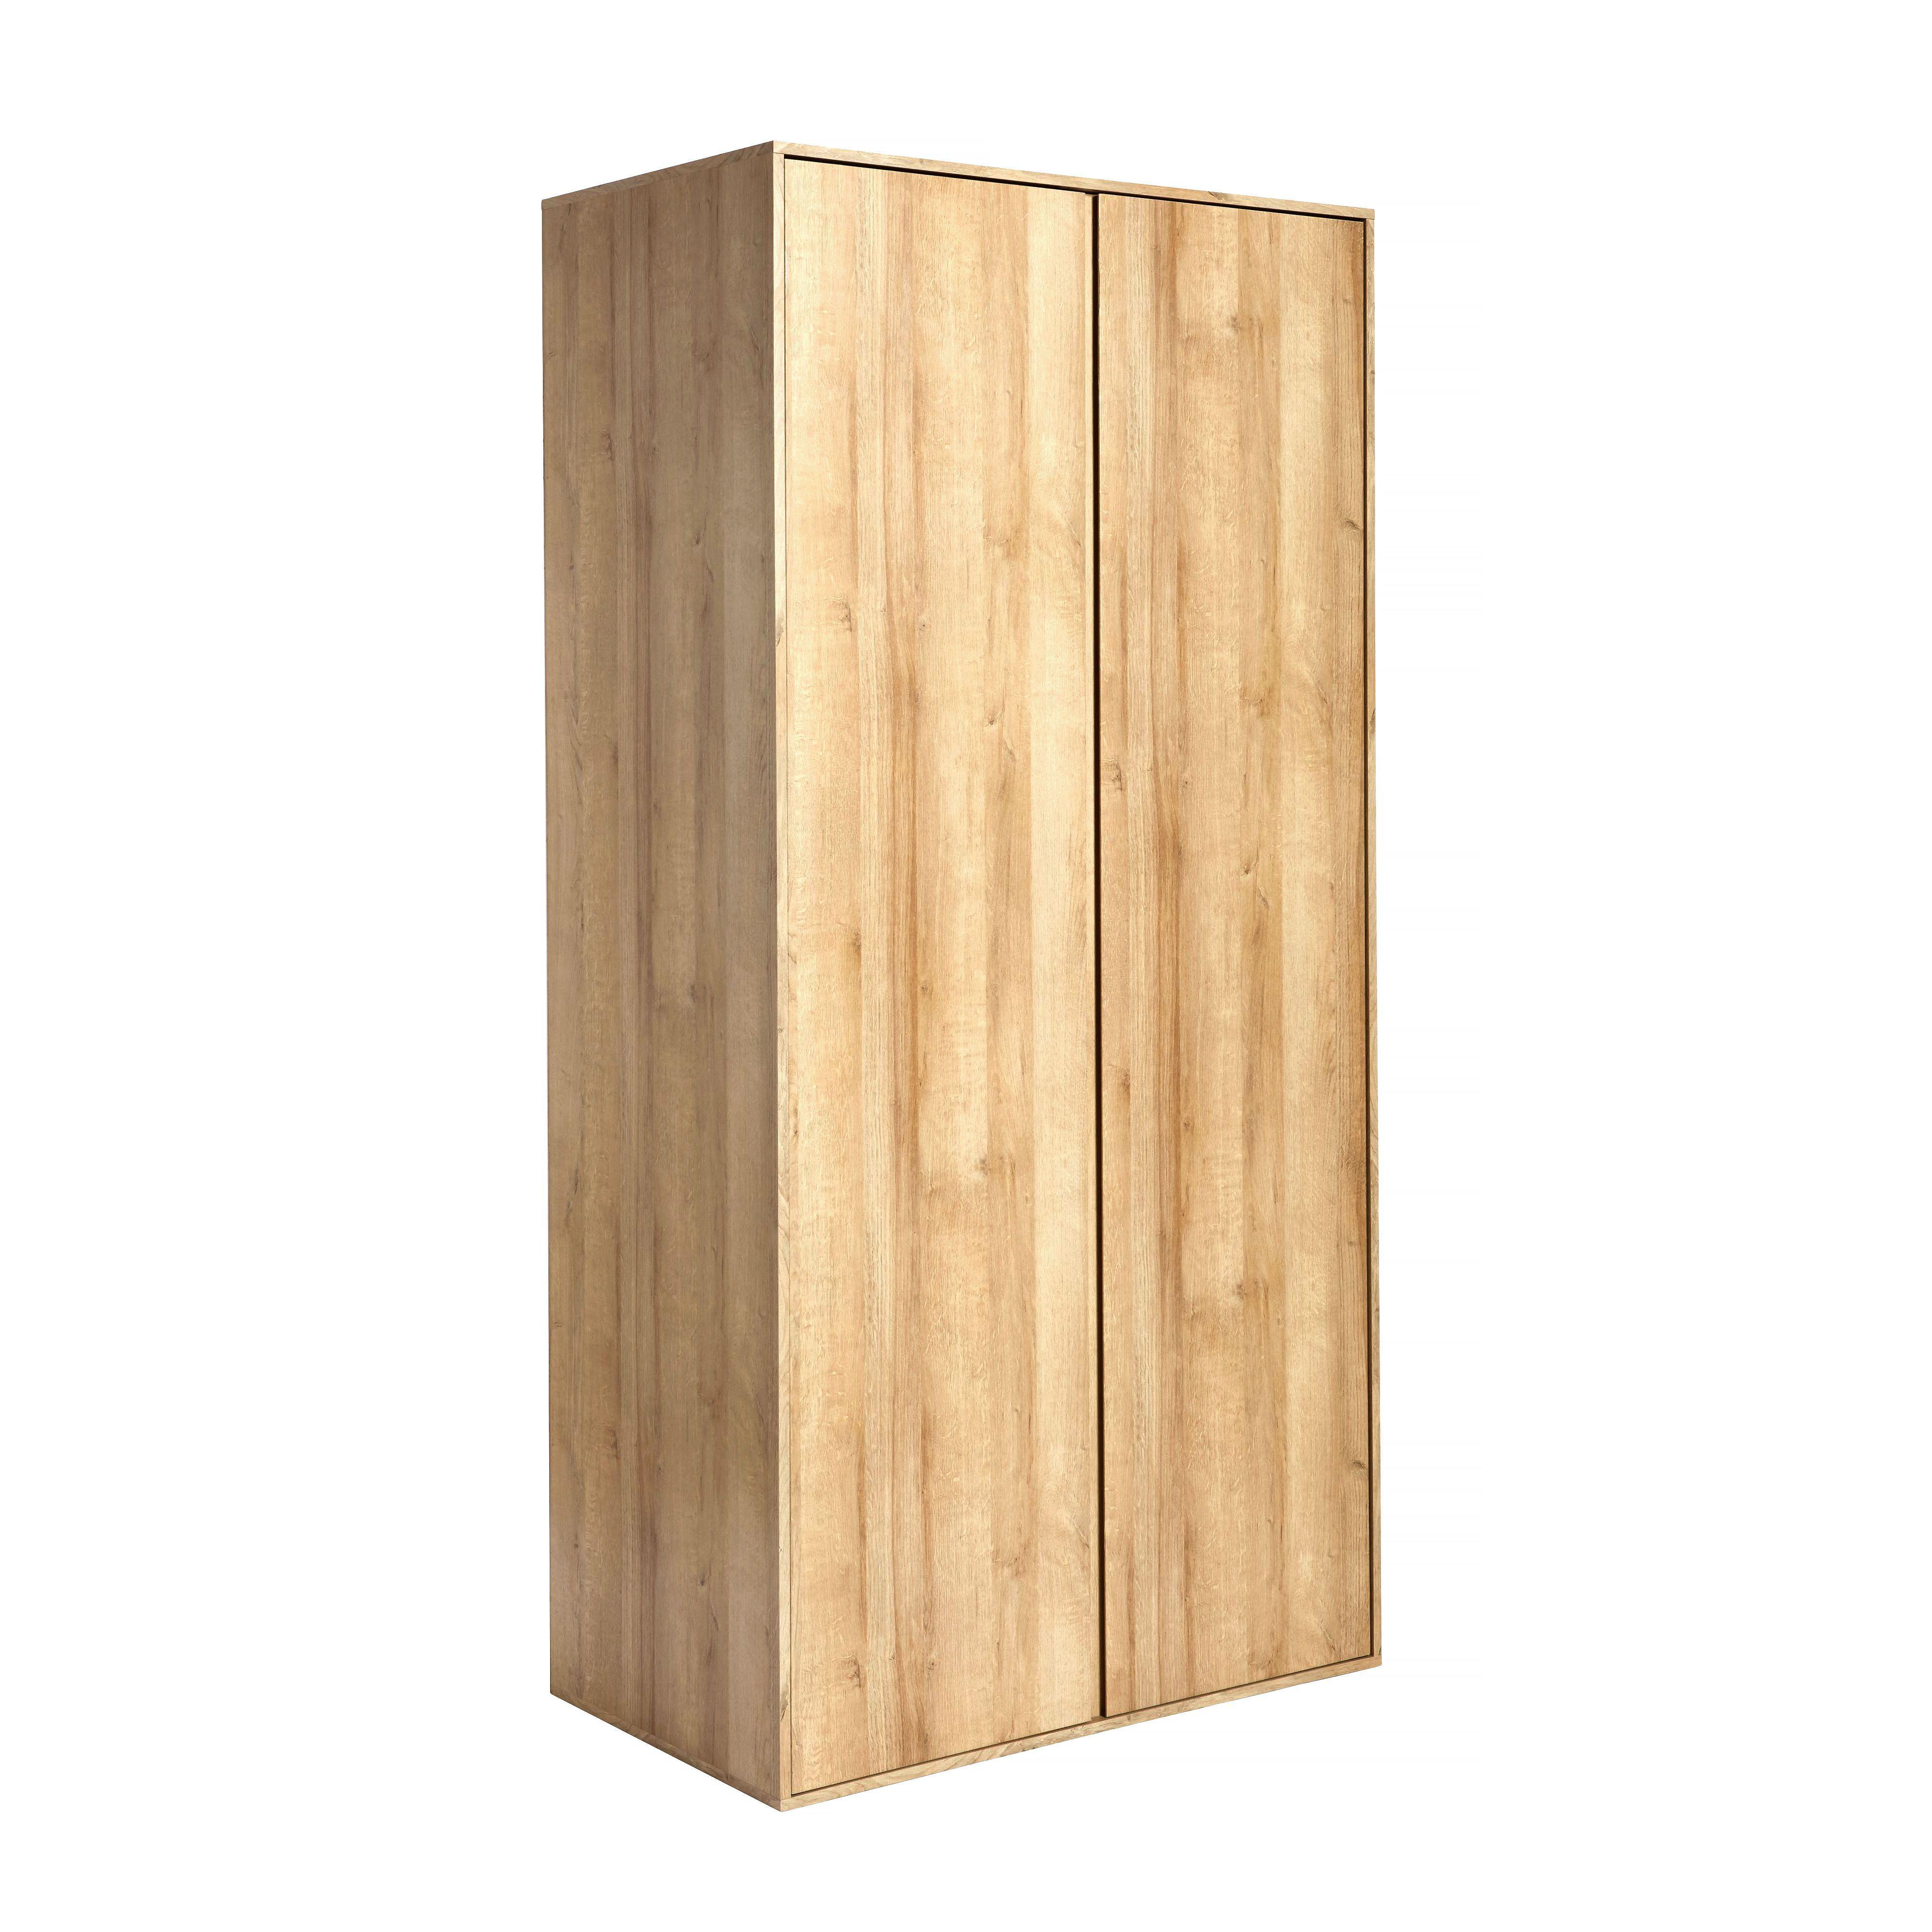 wardrobe template. pattinson oak effect 2 door wardrobe h2000mm w987mm template